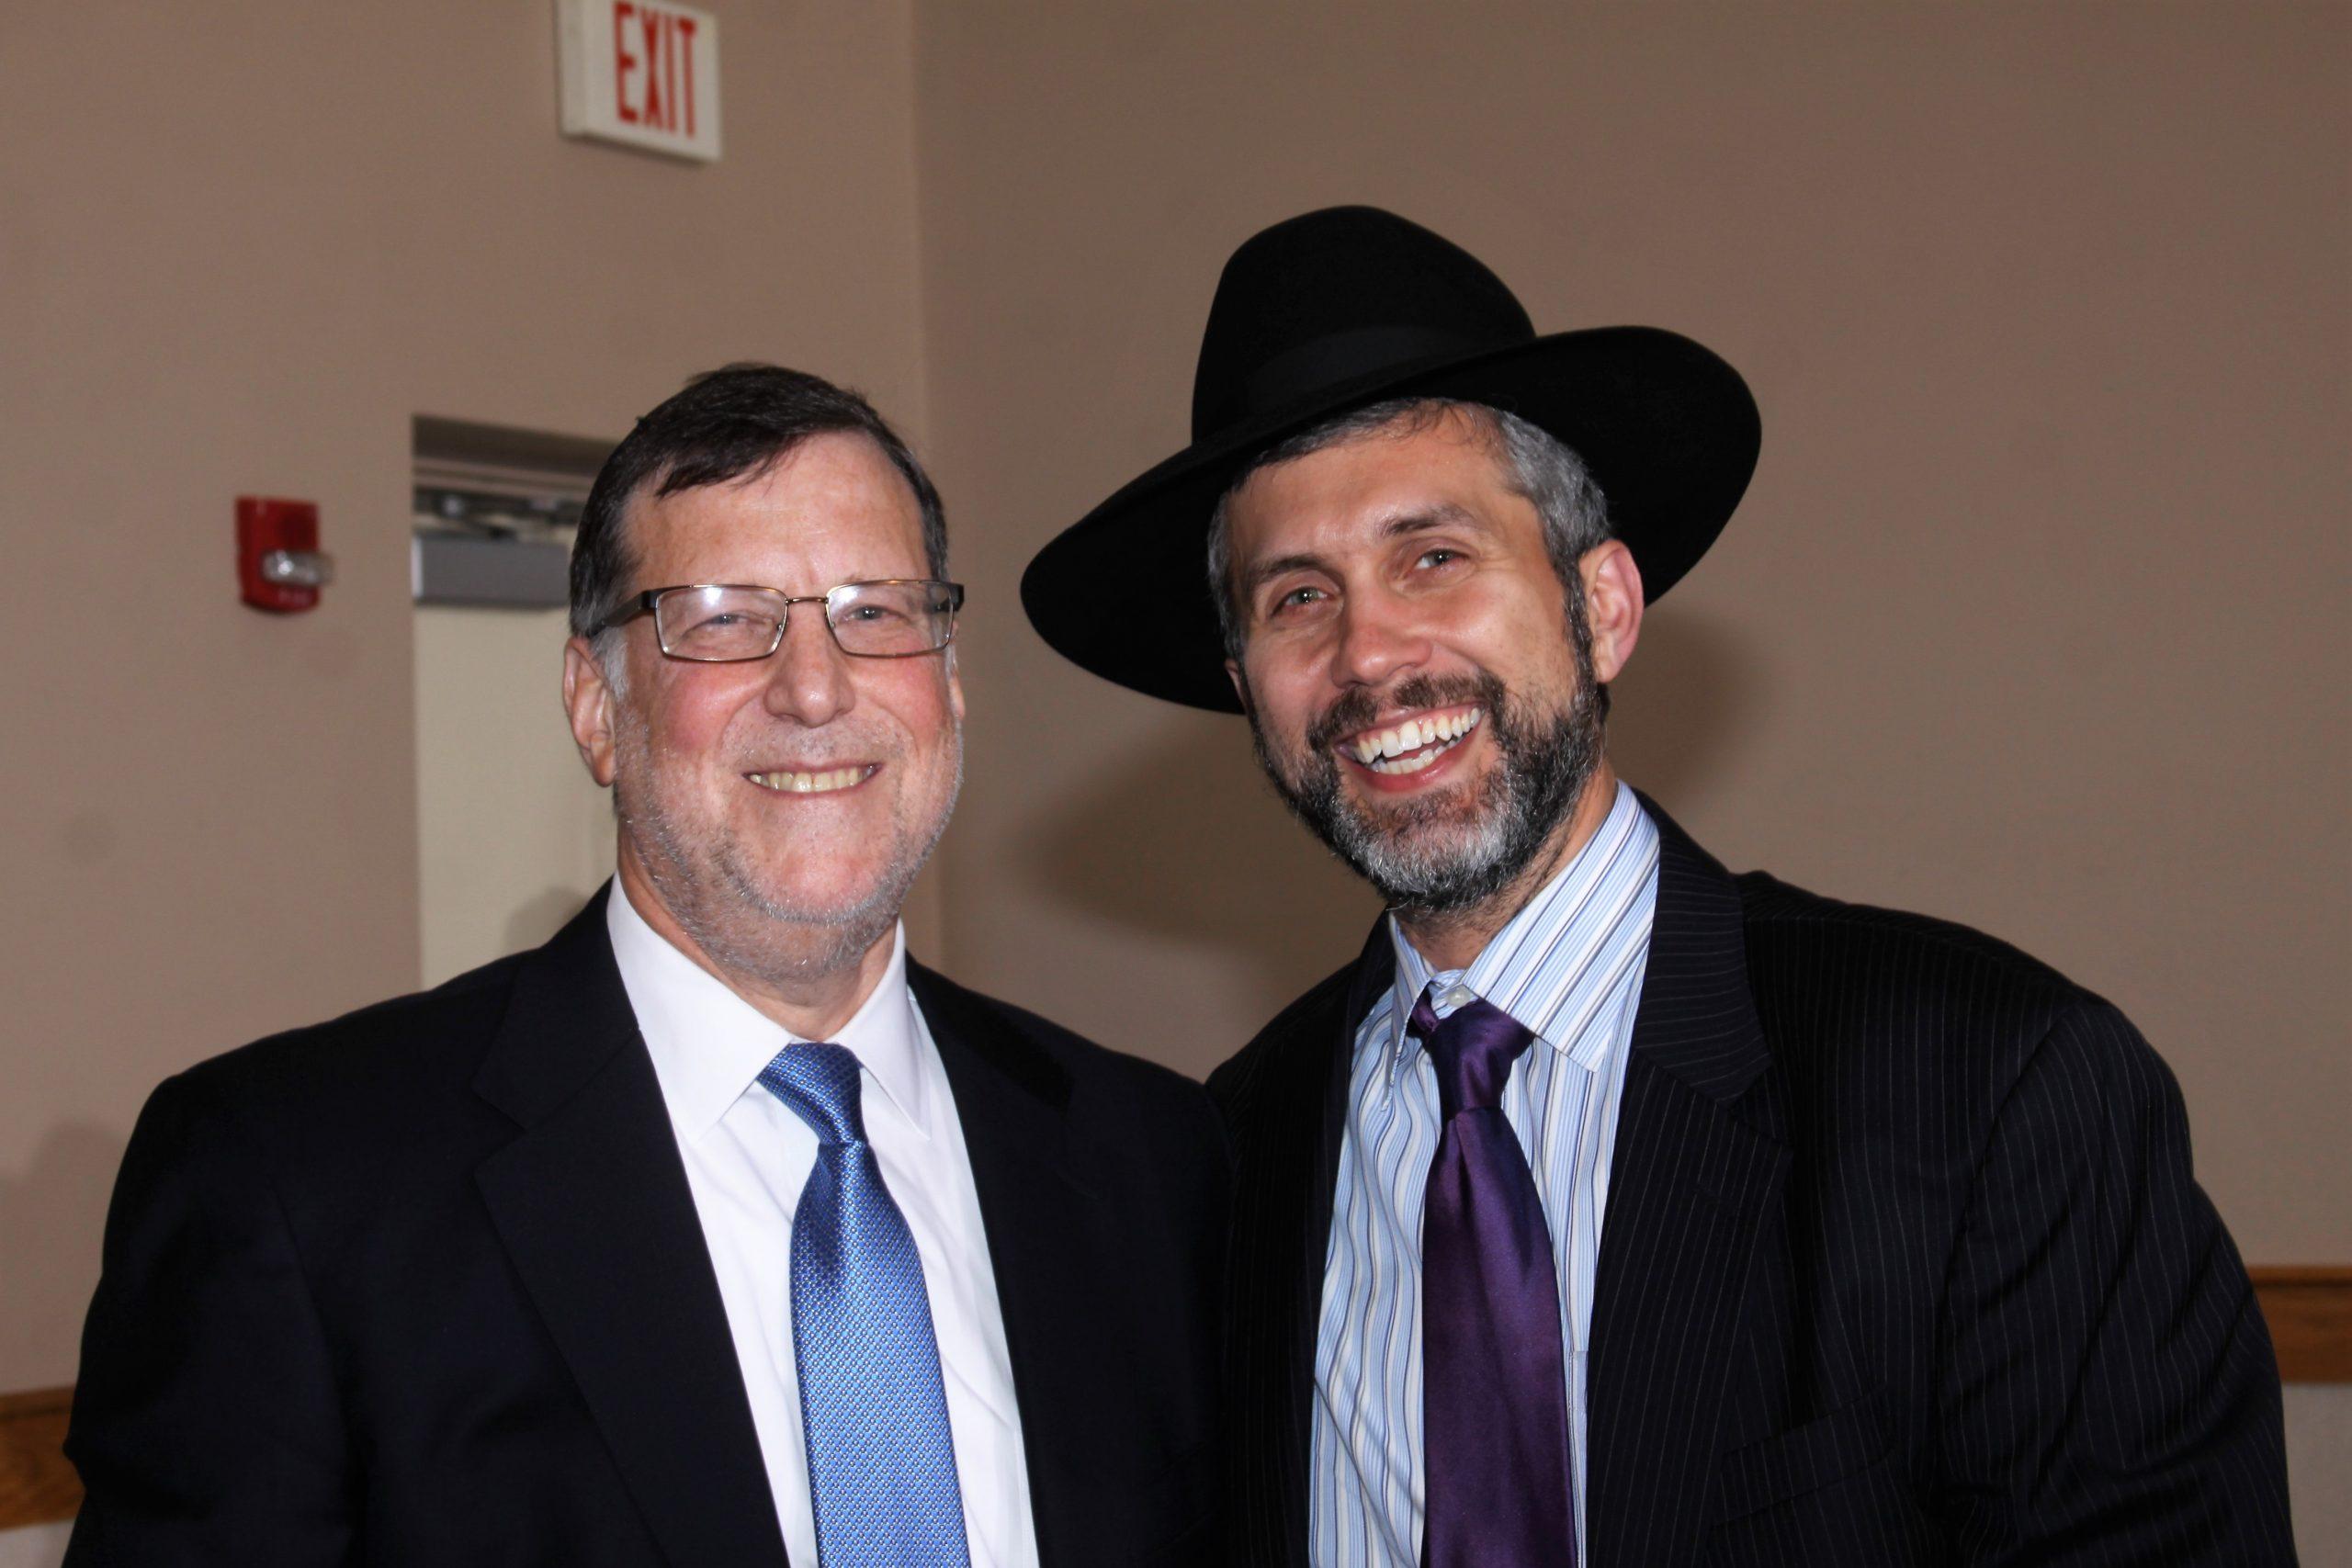 Ari With Rabbi Yelen